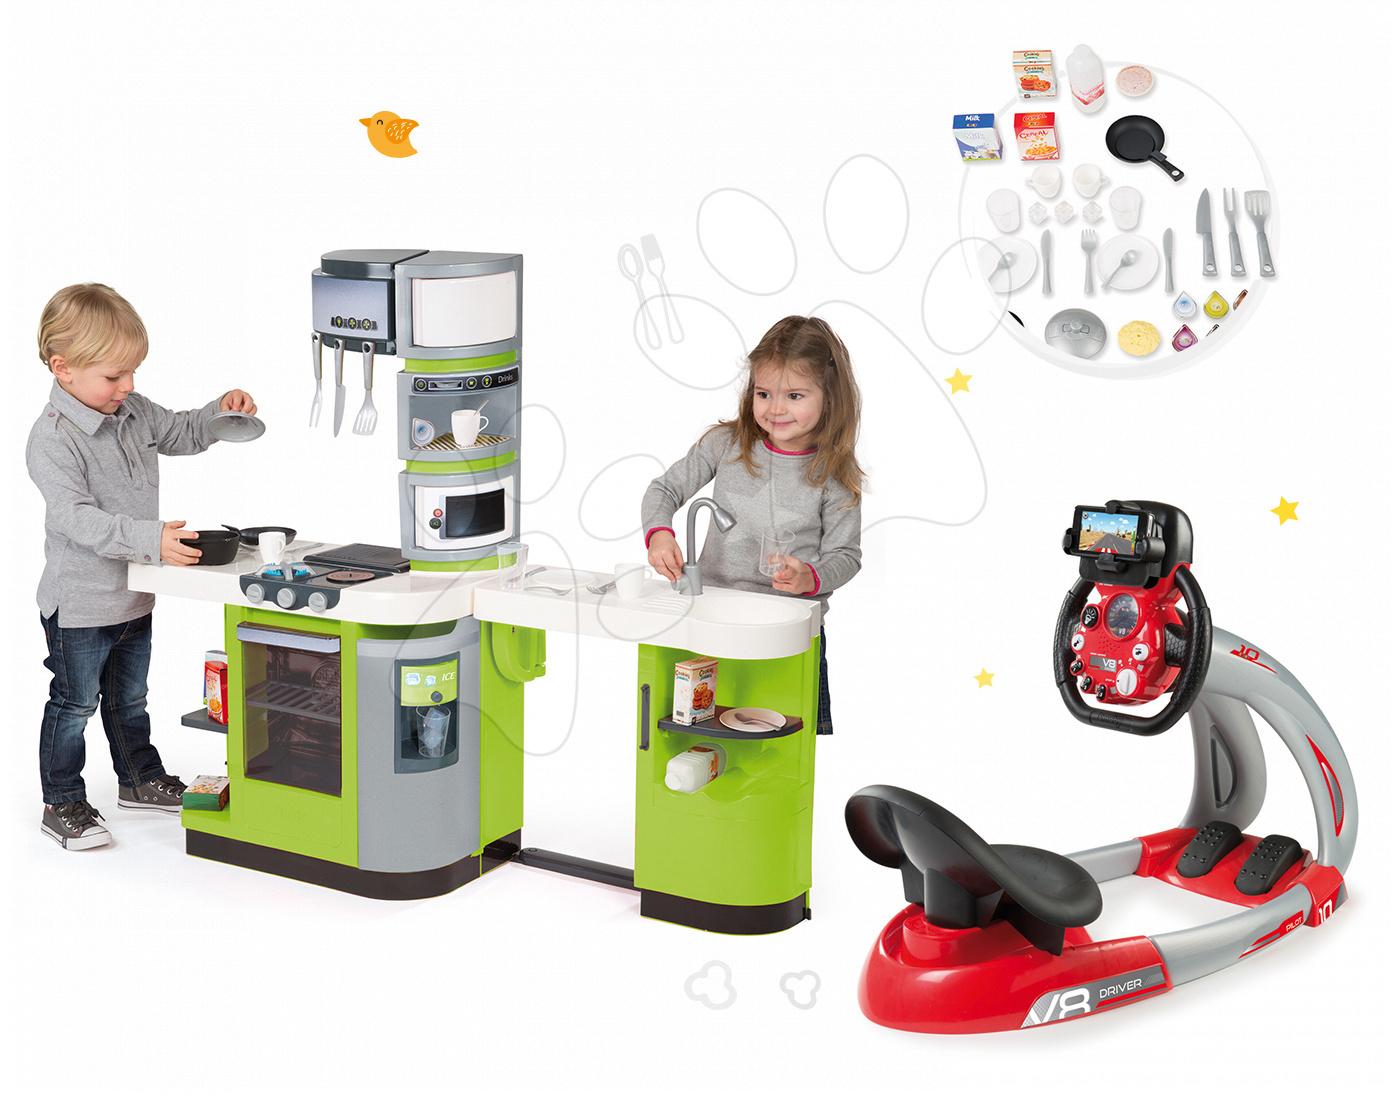 Set kuchyňka CookMaster Verte Smoby s ledem a elektronický trenažér V8 Driver